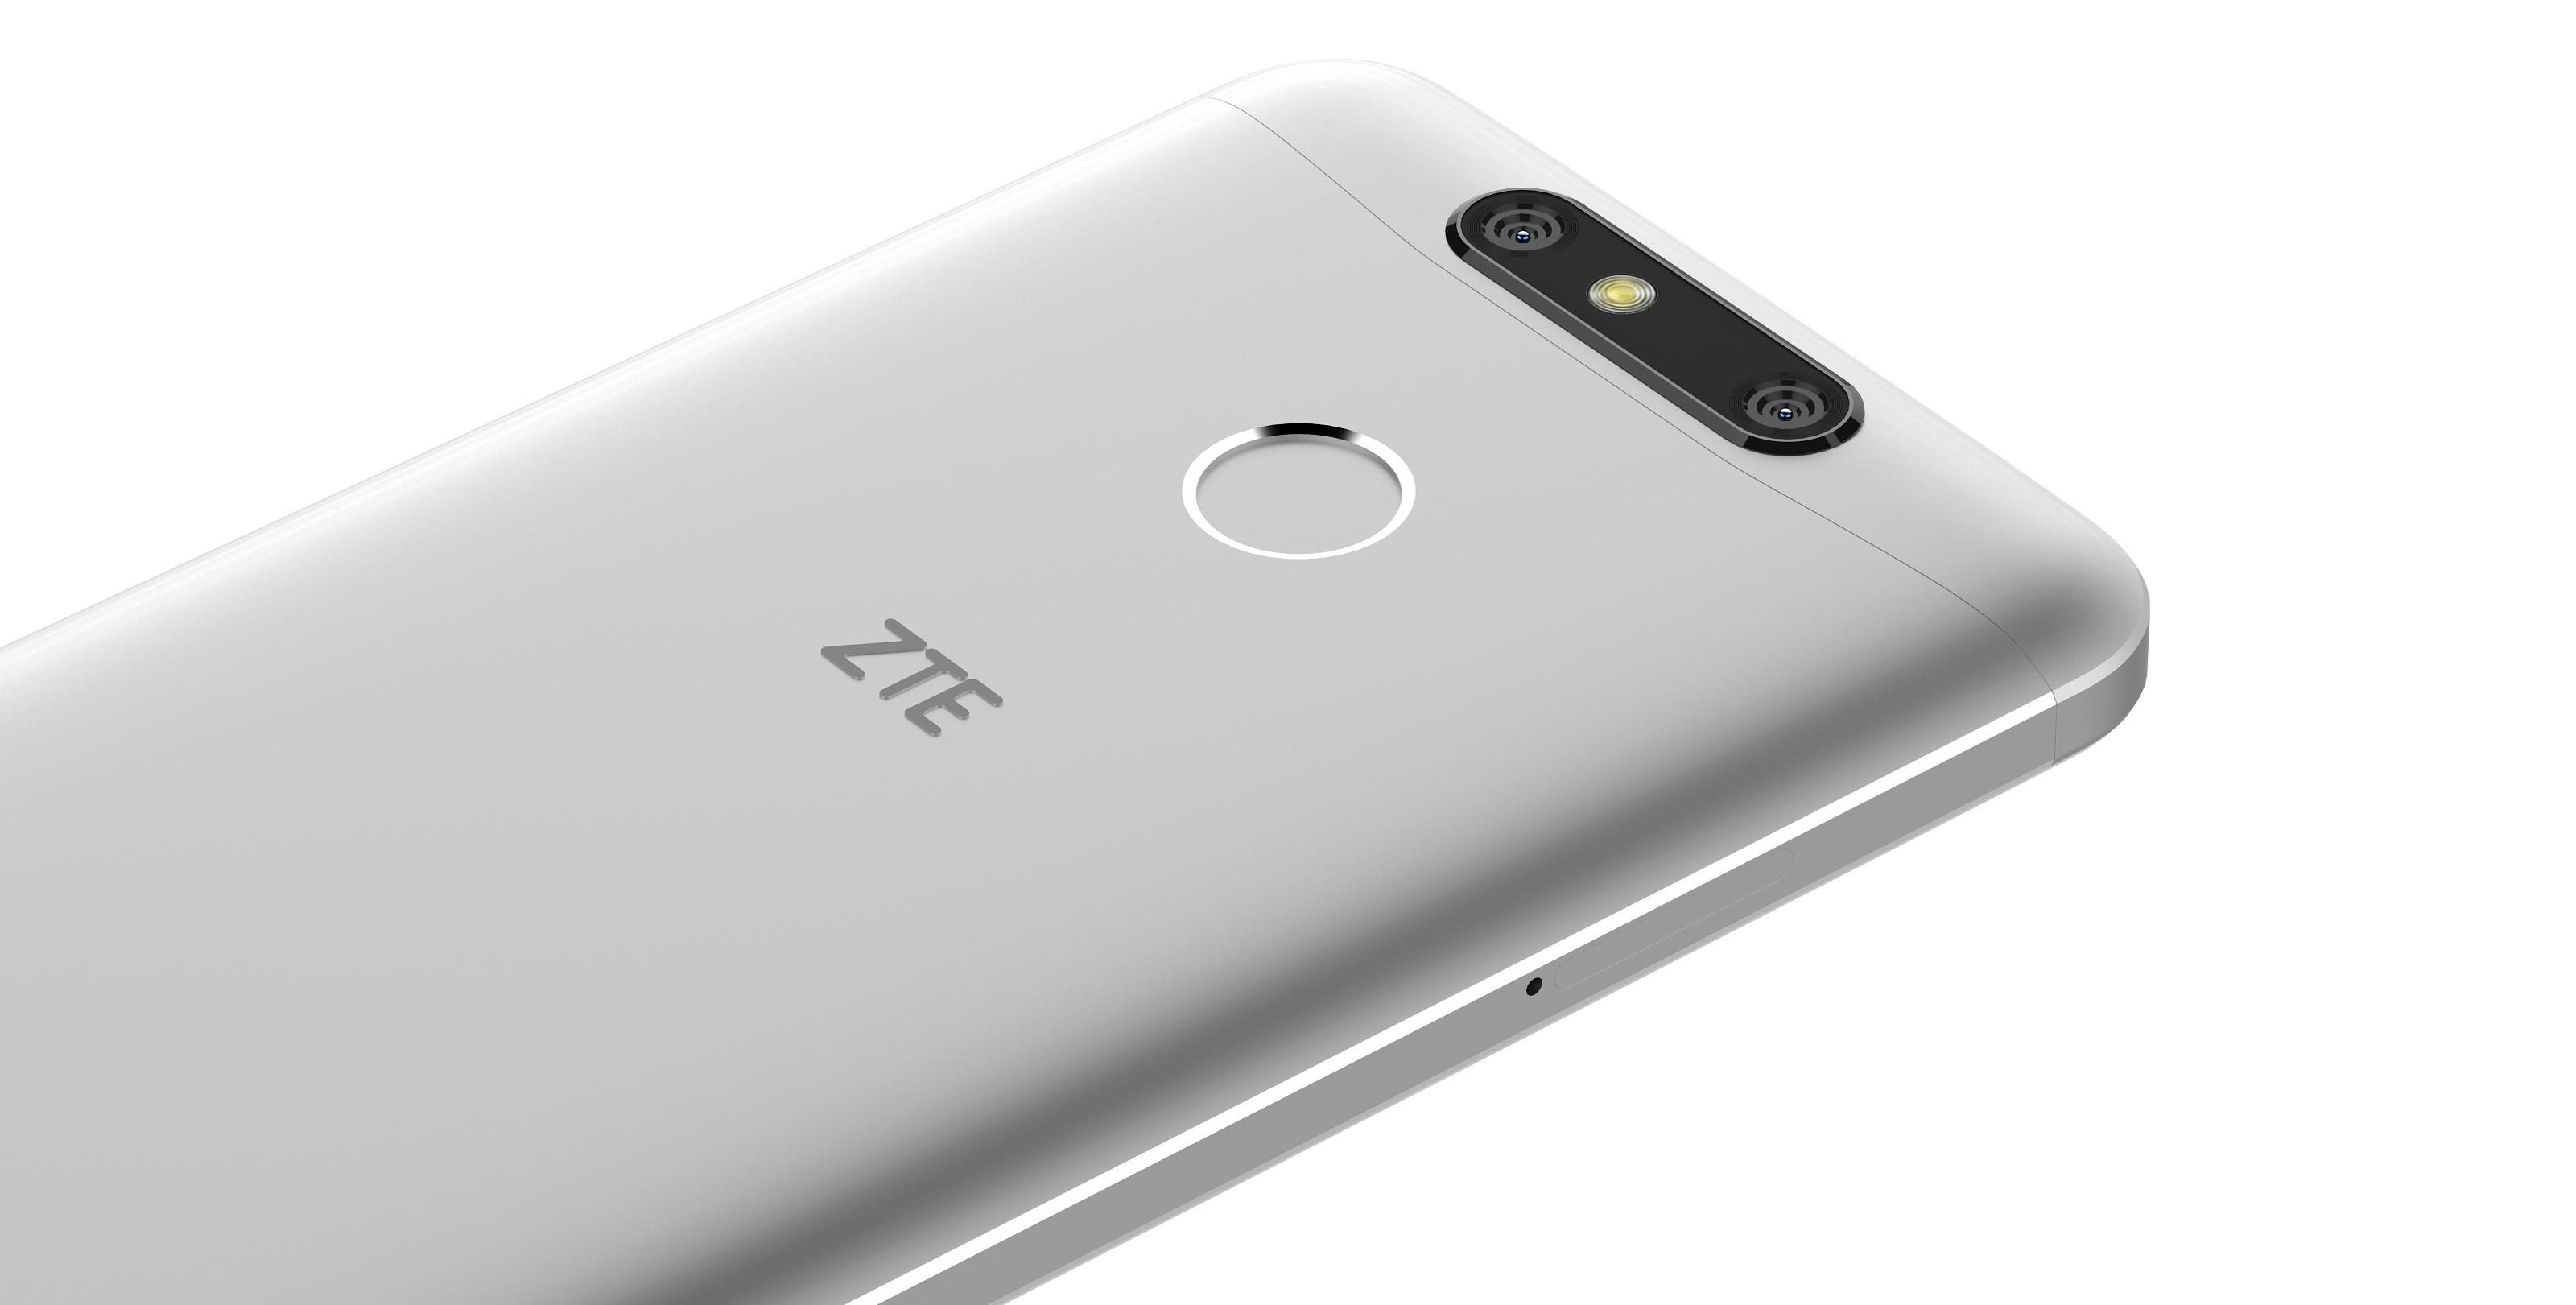 ZTE выпустит мобильные телефоны Blade V8 Мини иLite